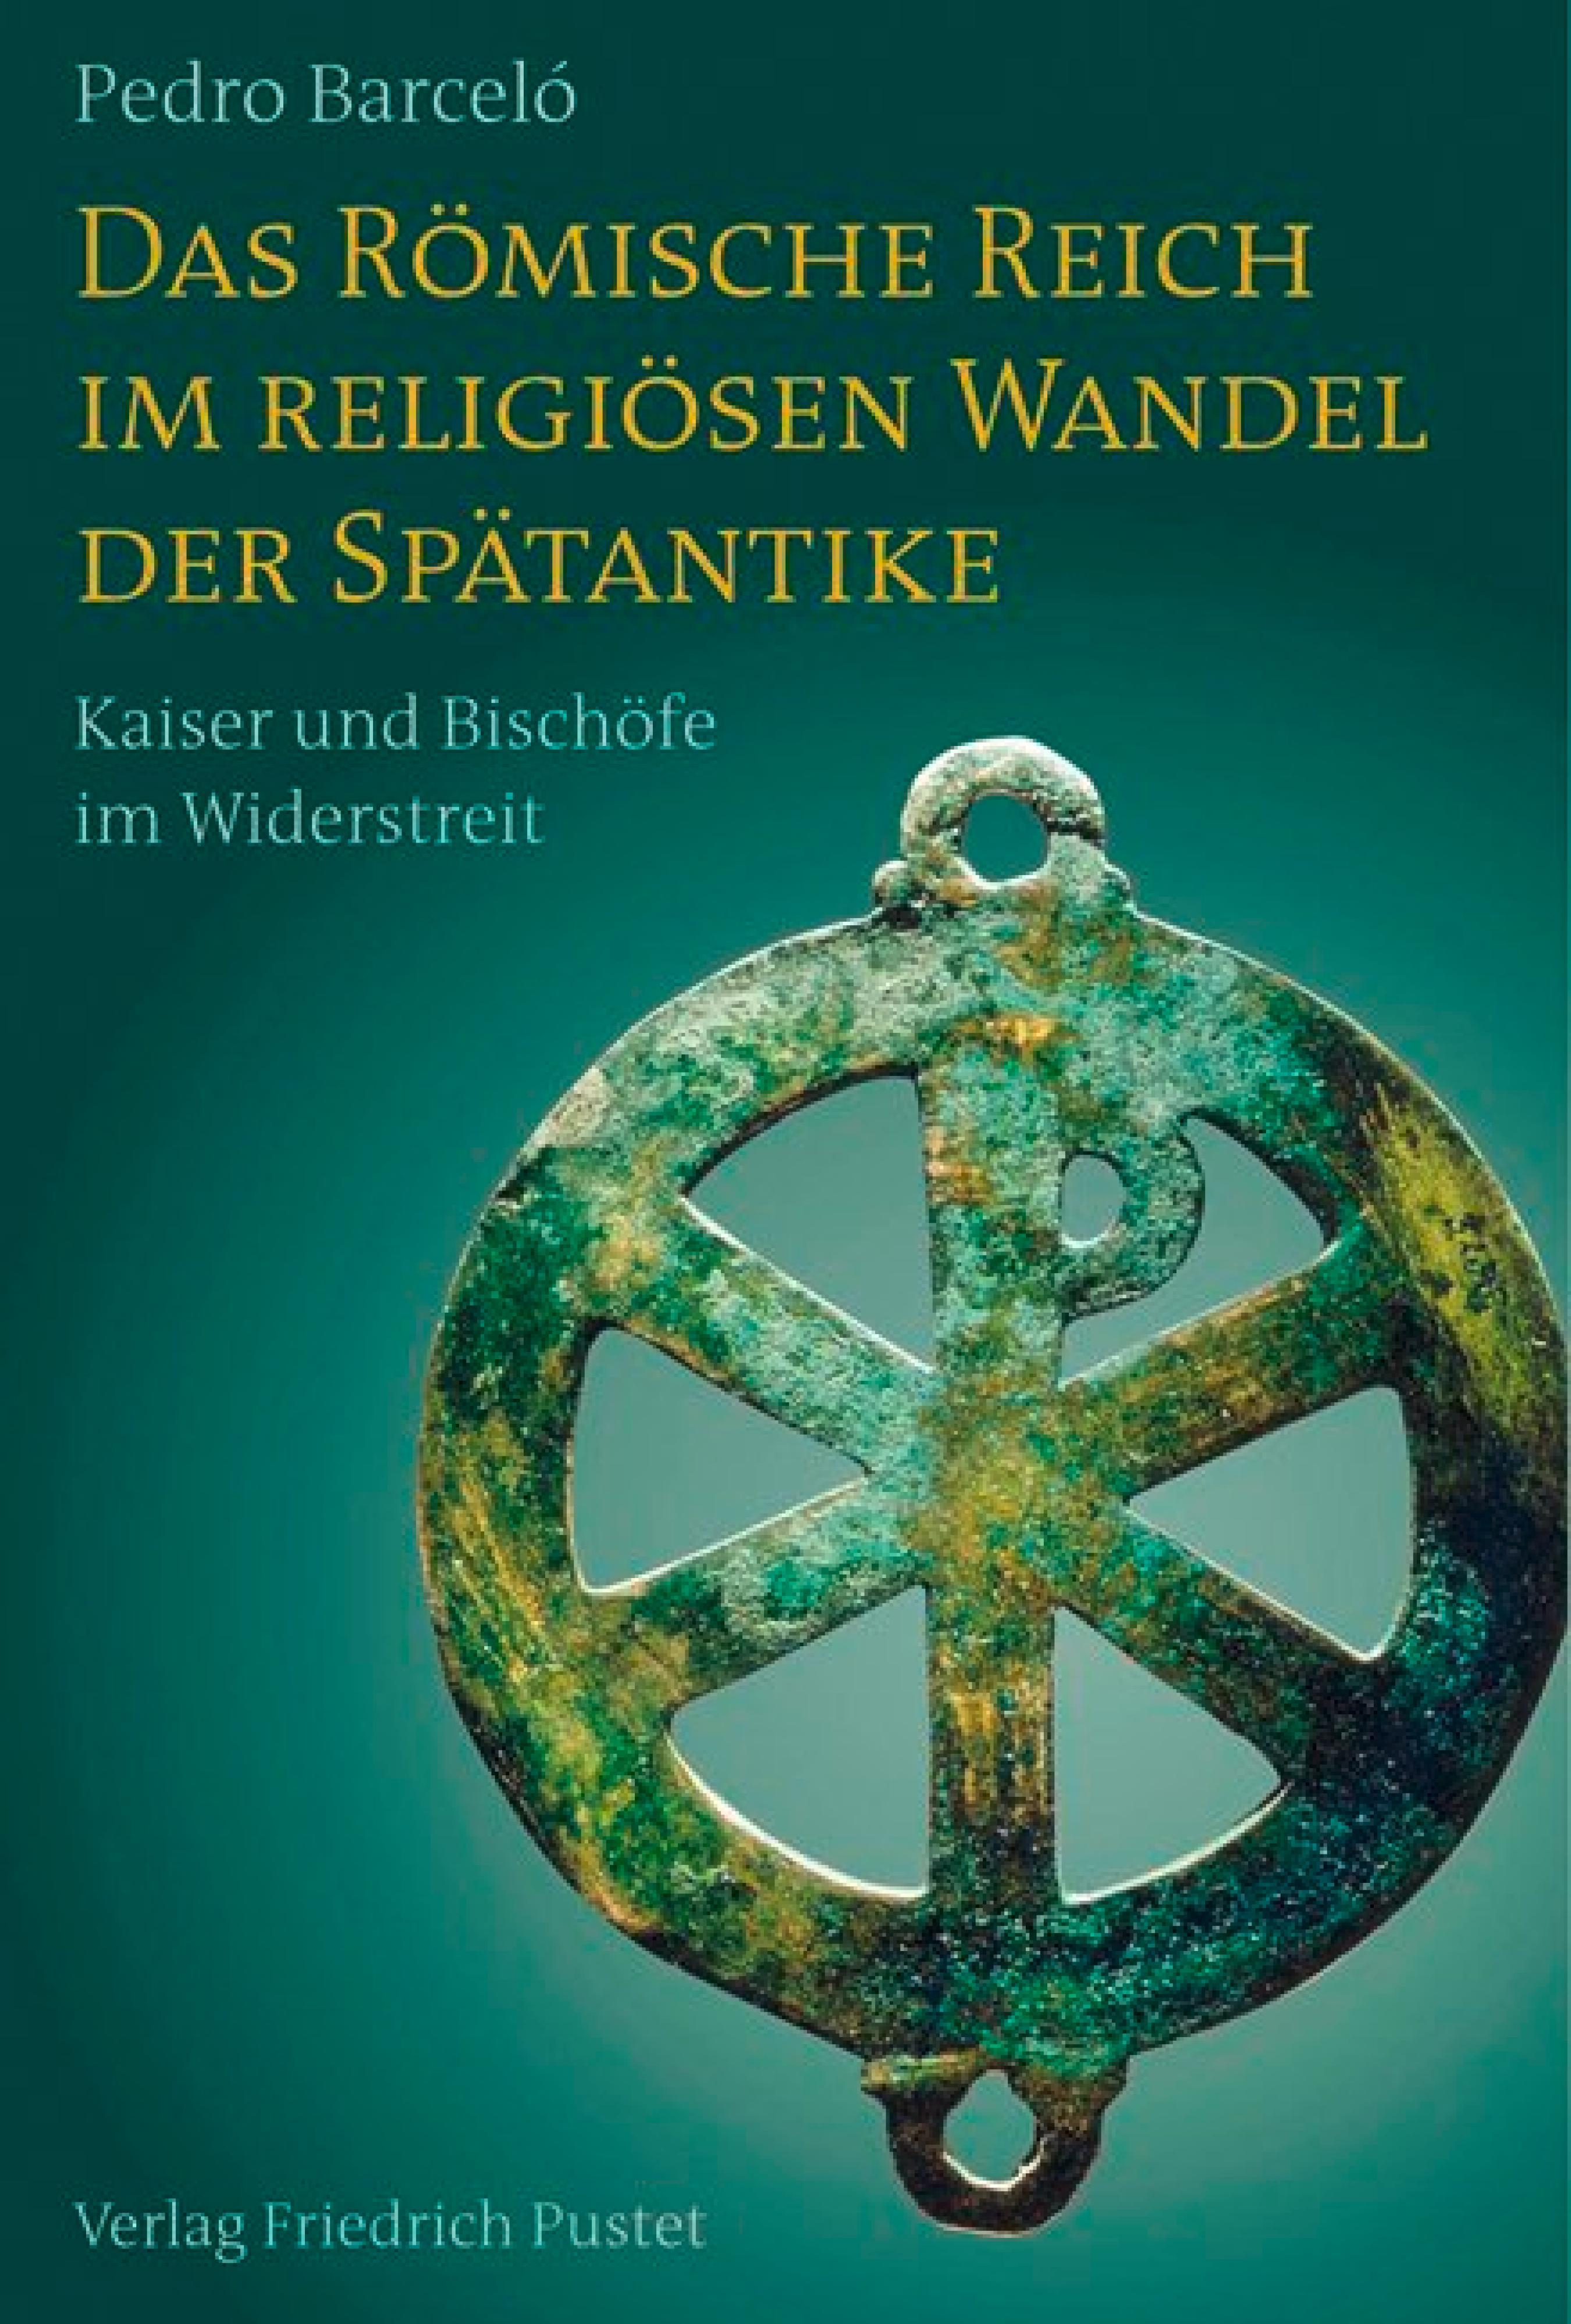 Pedro Barcelo Das Römische Reich im religiösen Wandel der Spätantike